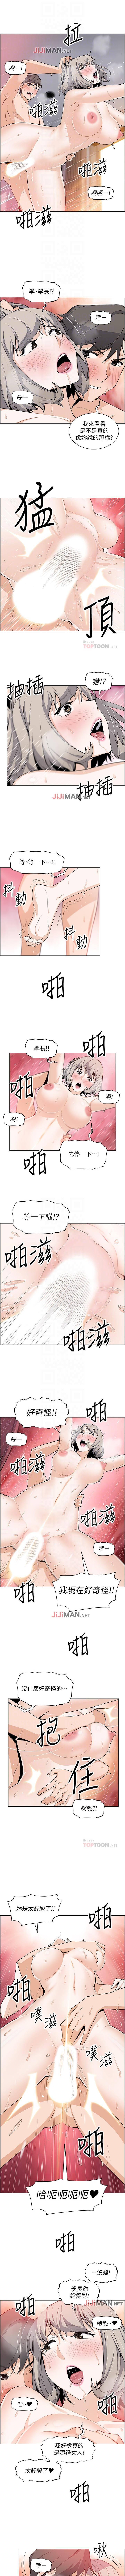 【周四连载】前女友变女佣(作者:PAPER&頸枕) 第1~33话 144